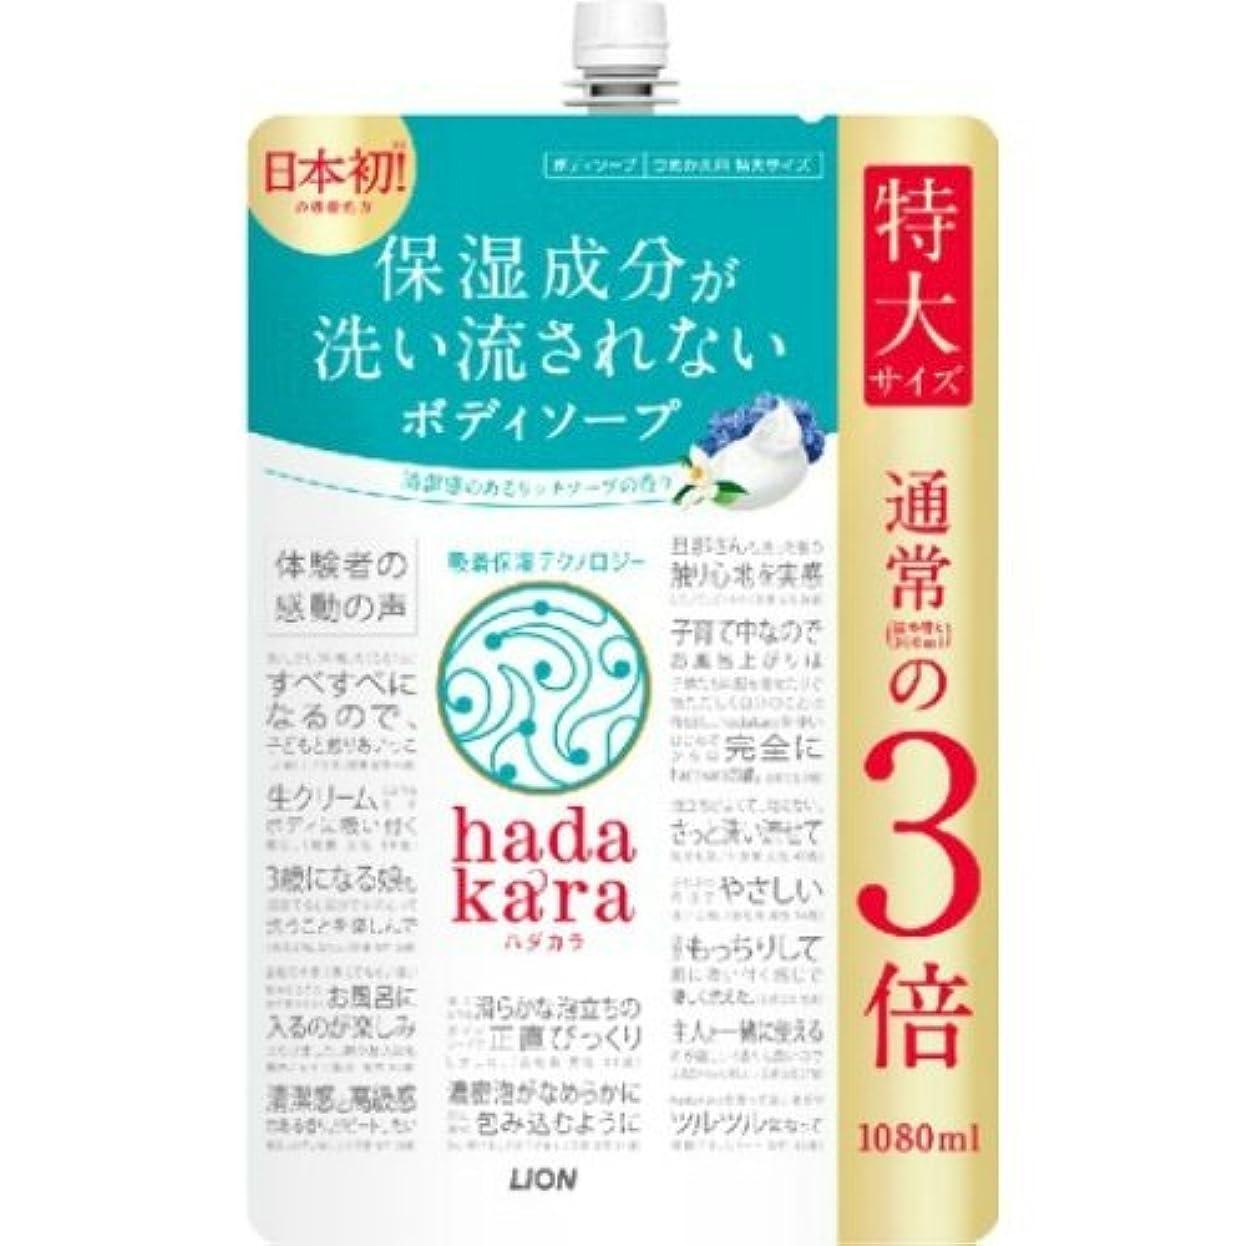 大騒ぎ信じられない権威LION ライオン hadakara ハダカラ ボディソープ リッチソープの香り つめかえ用 特大サイズ 1080ml ×3点セット(4903301260882)